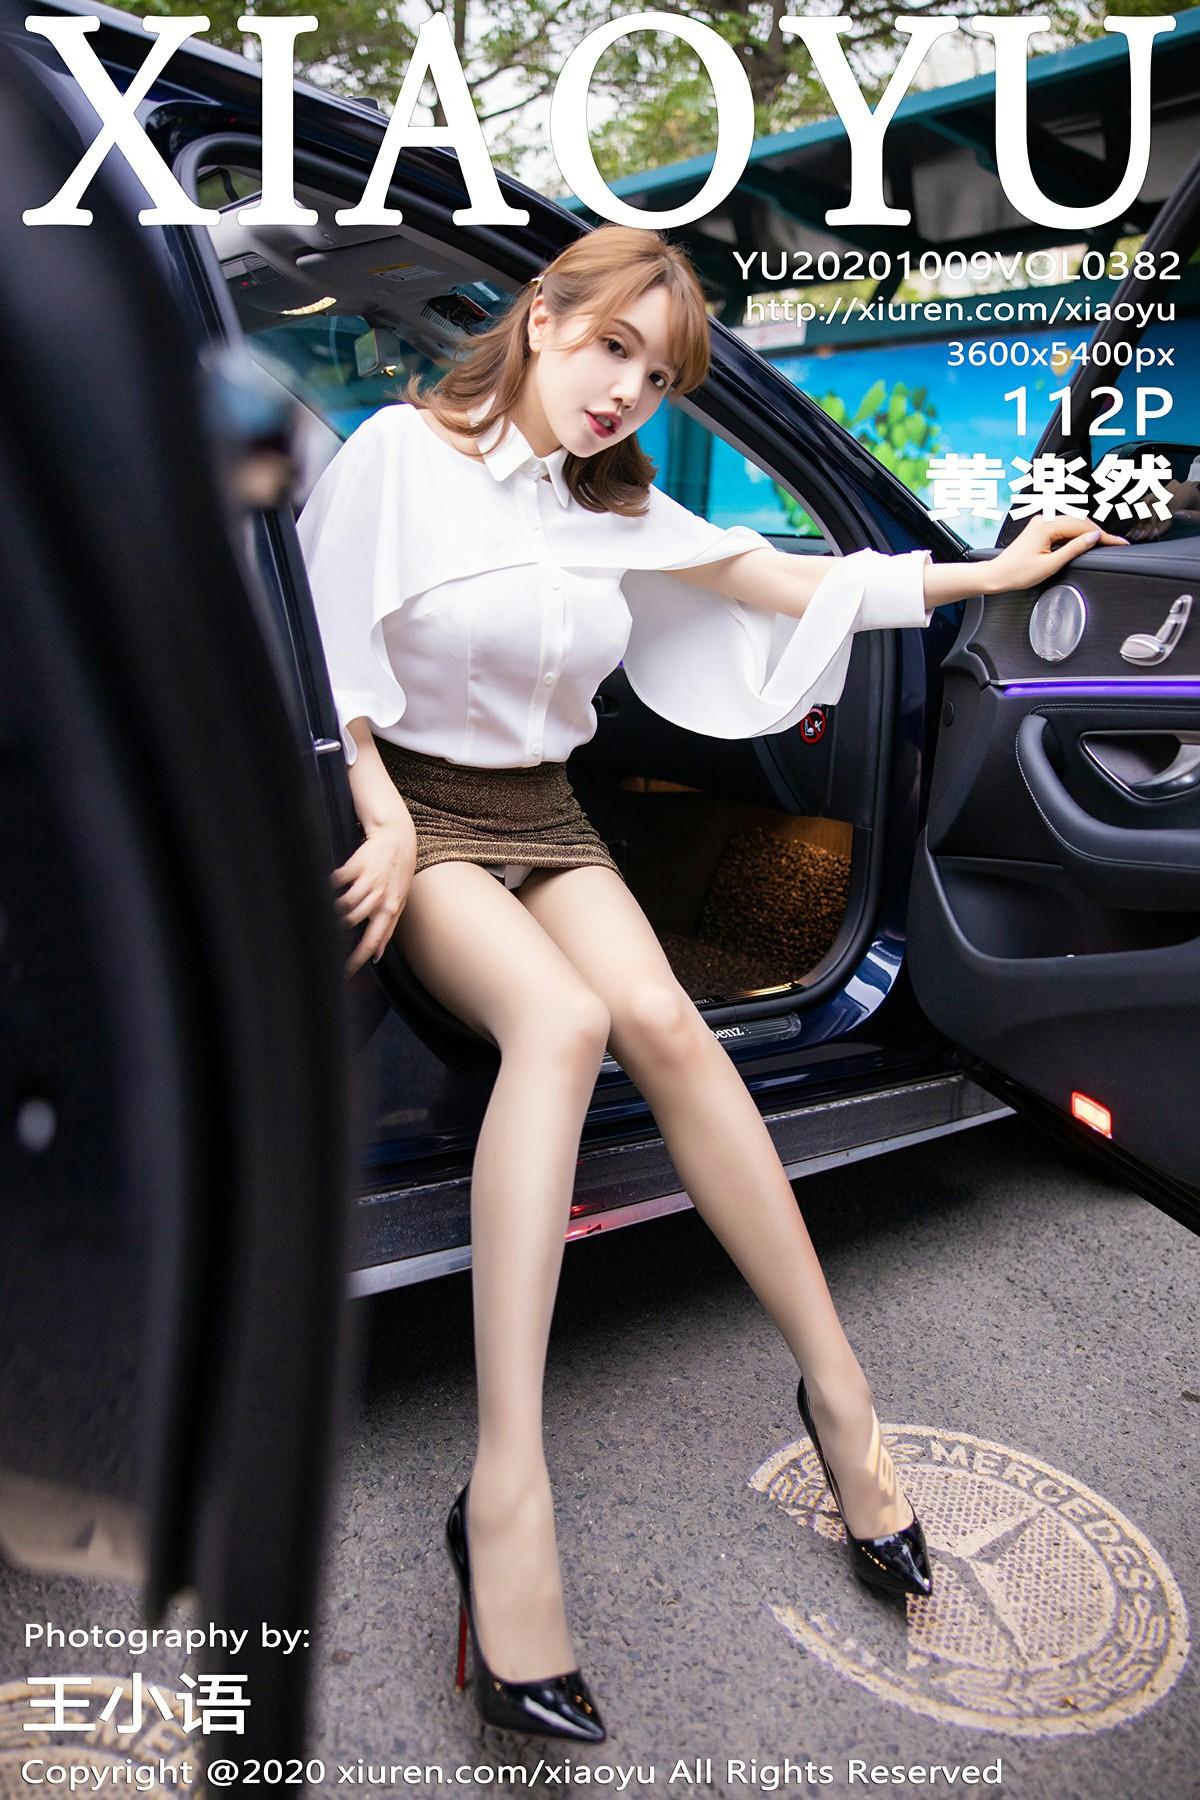 [XIAOYU语画界] 2020.10.09 No.382 黄楽然 第1张